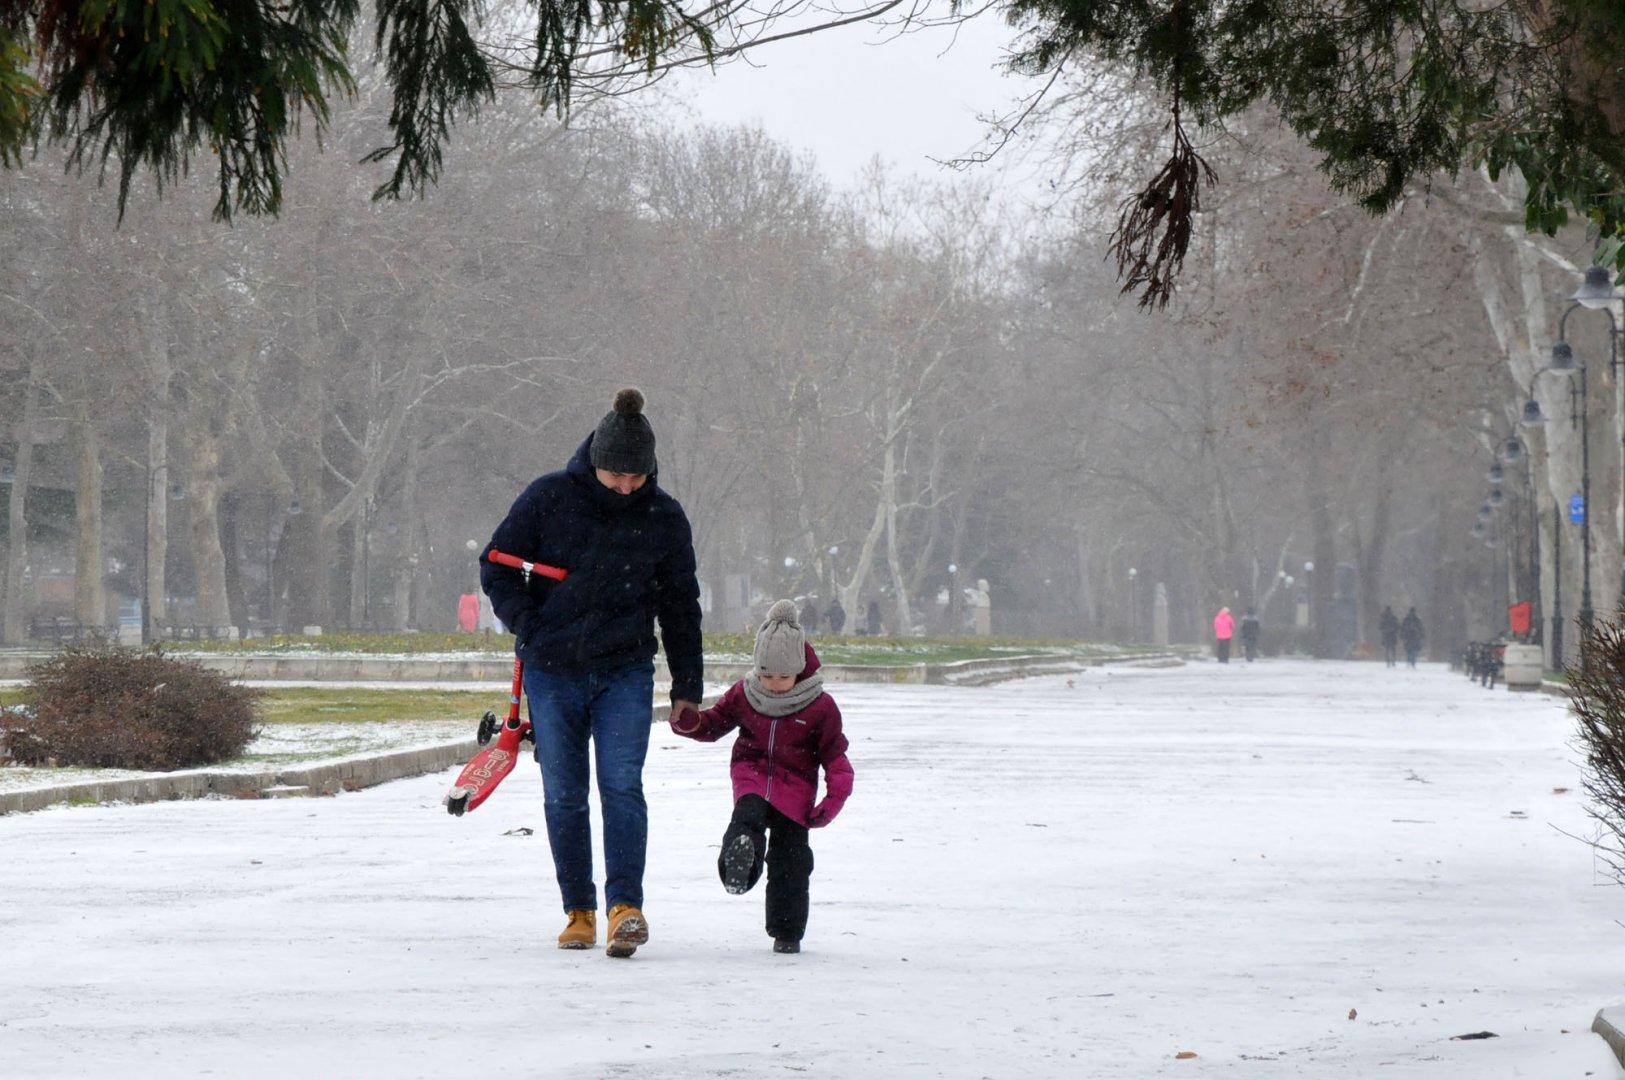 Бургас осъмна днес със сняг.Макар и доста оскъдна, снежната покривка зарадва най-вече децата. Мнозина излязоха в Морската градина да се любуват на бялата премяна и да се забавляват. Не малко бяха и по-големите бургазлии, които въпреки ниските температури, изляоха да се раходят. Снимки Черноморие-бг